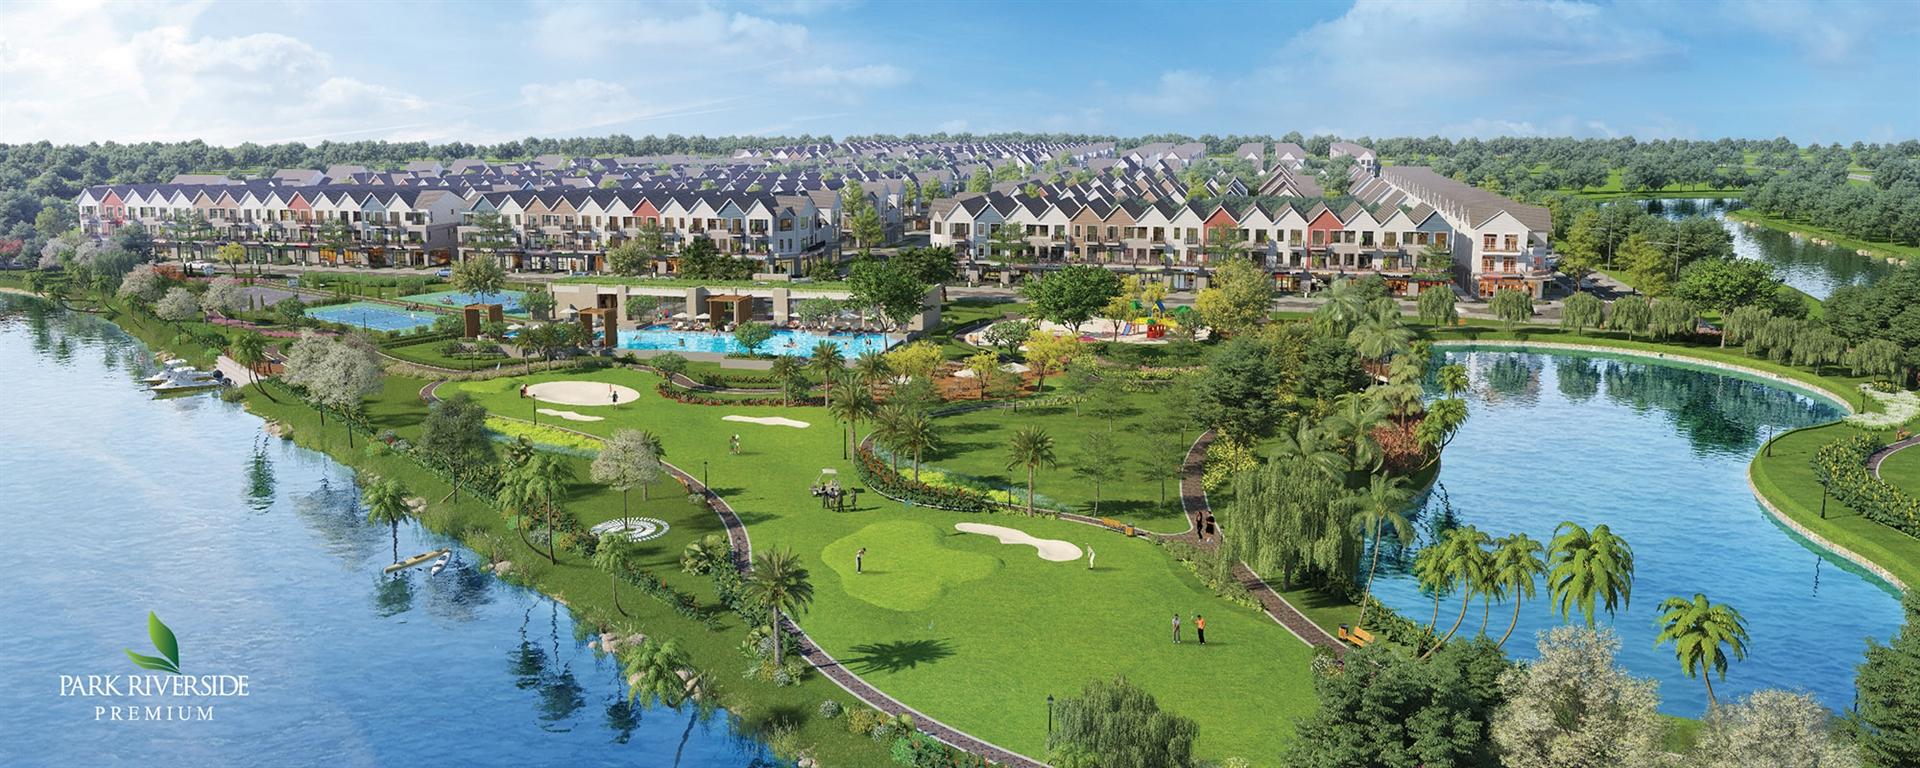 Park Riverside Premium